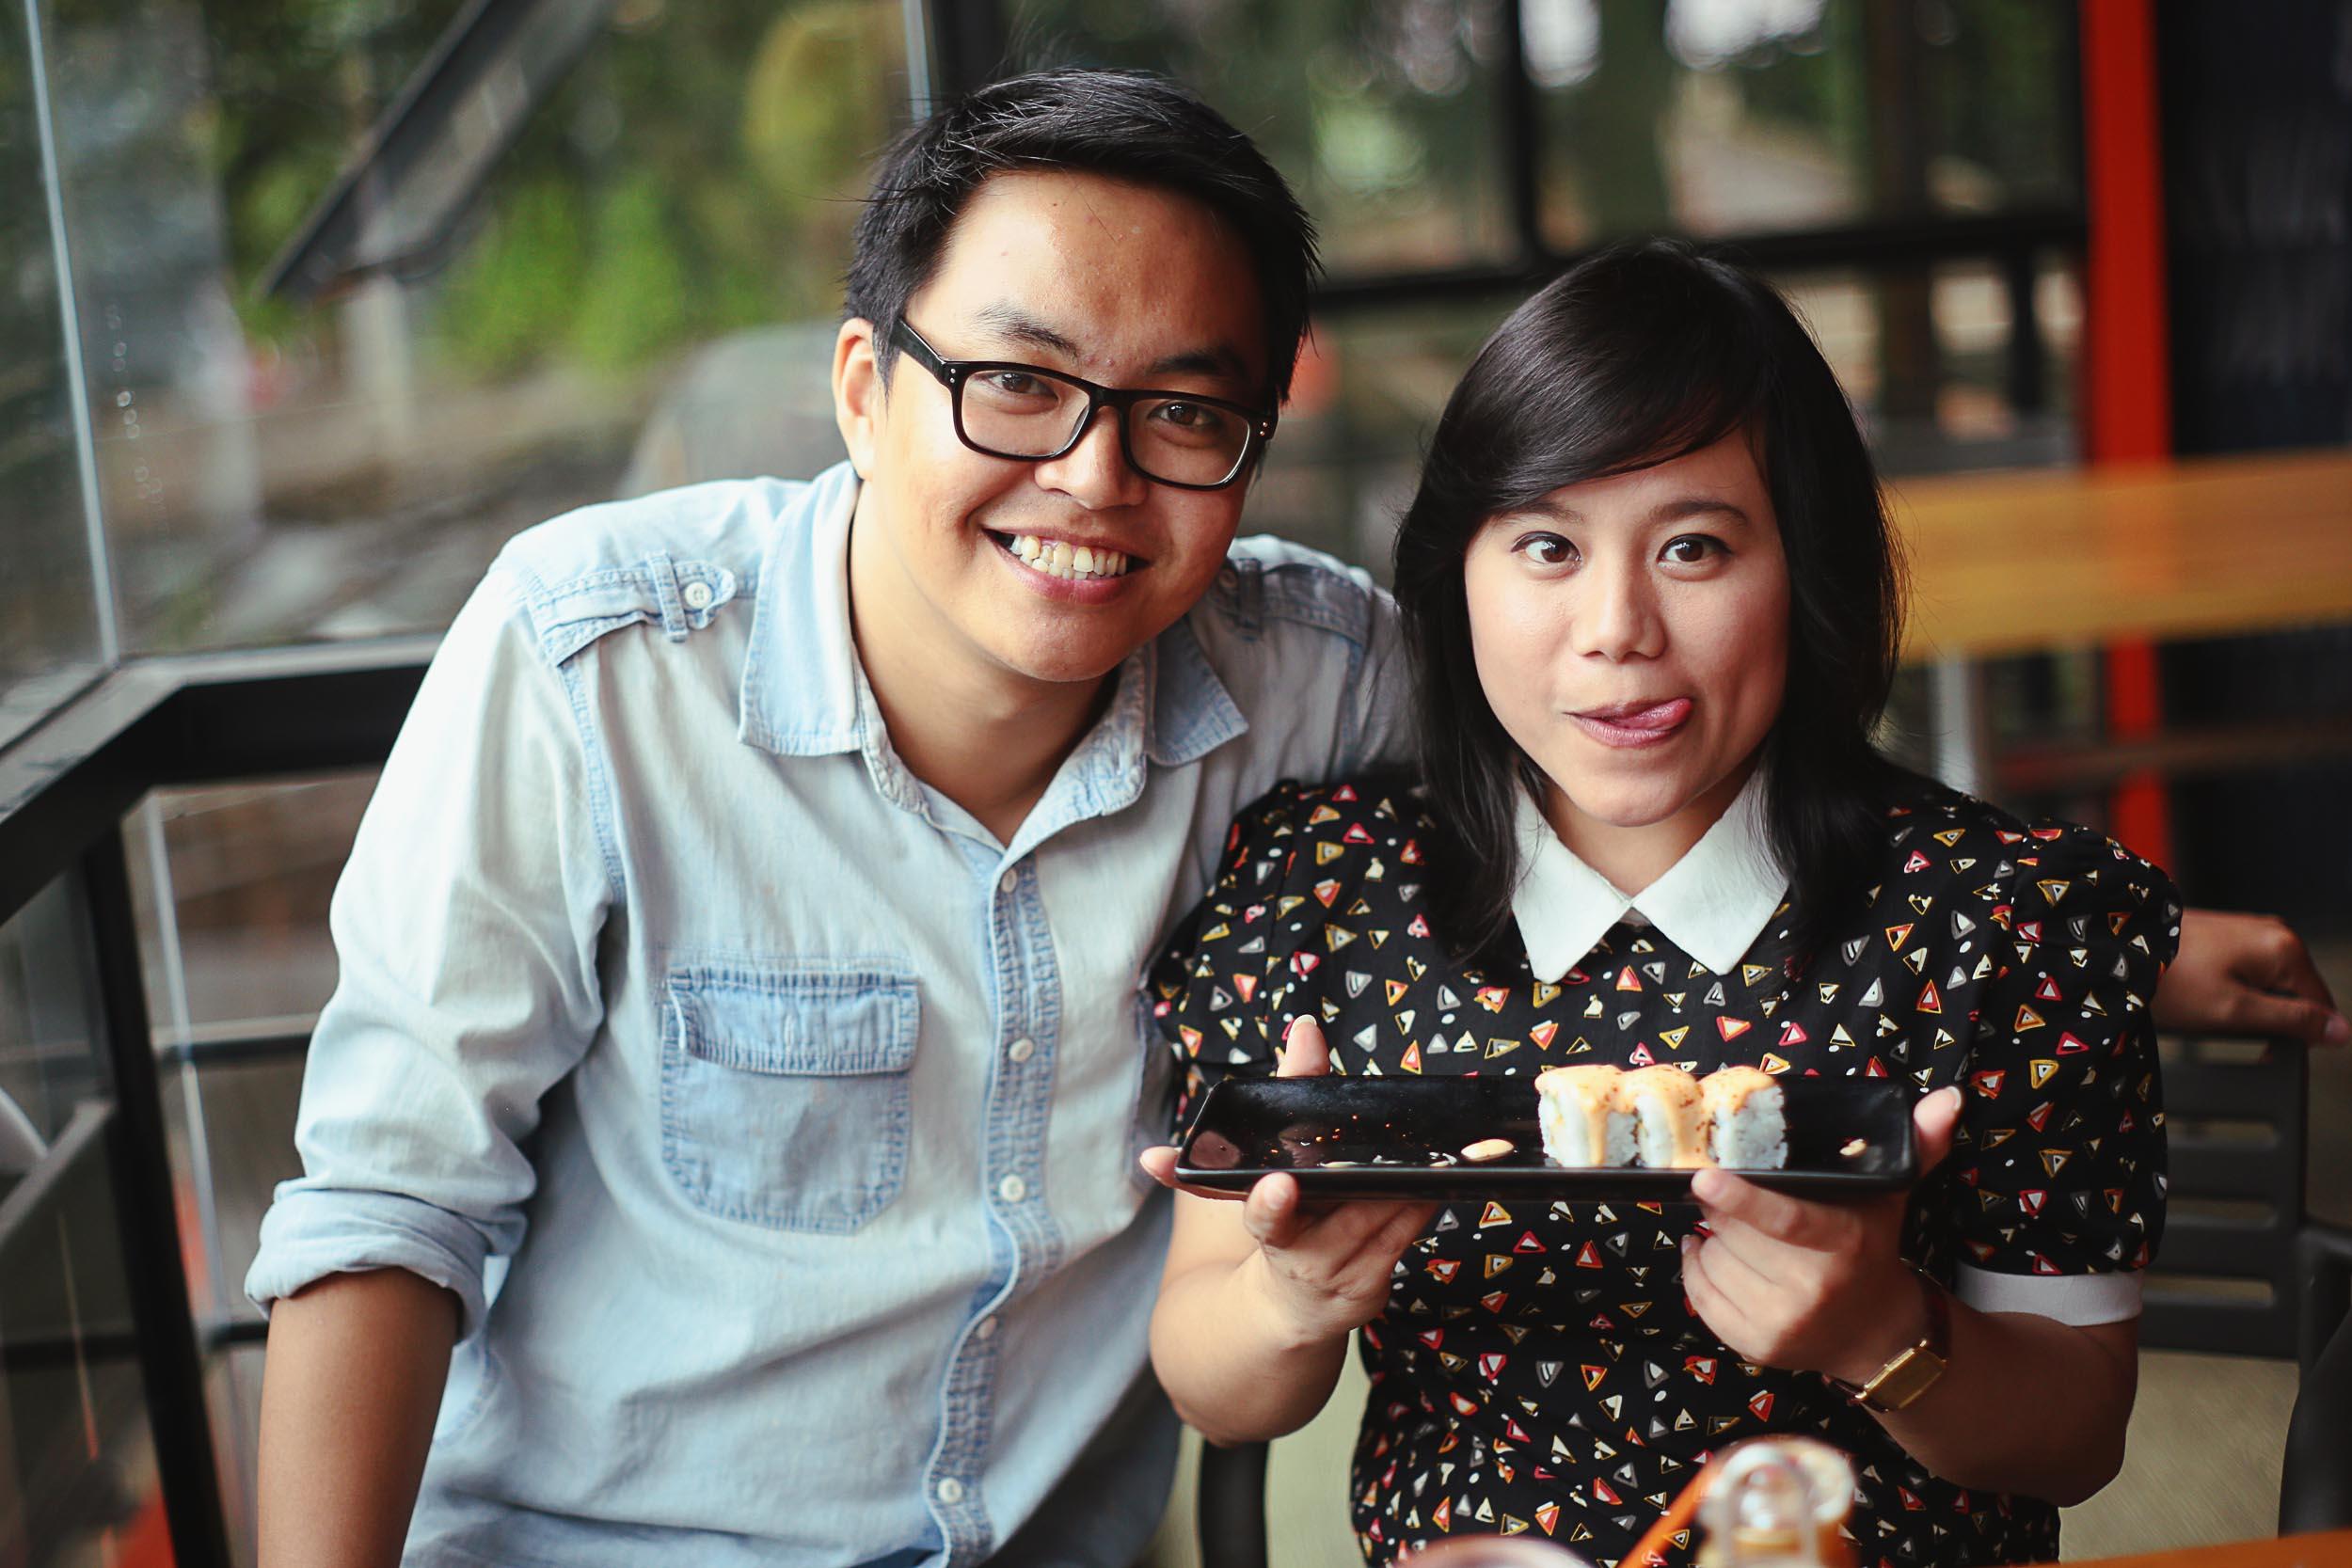 Berawal dari hobi makan, pasangan ini kini foodblogger, keren!